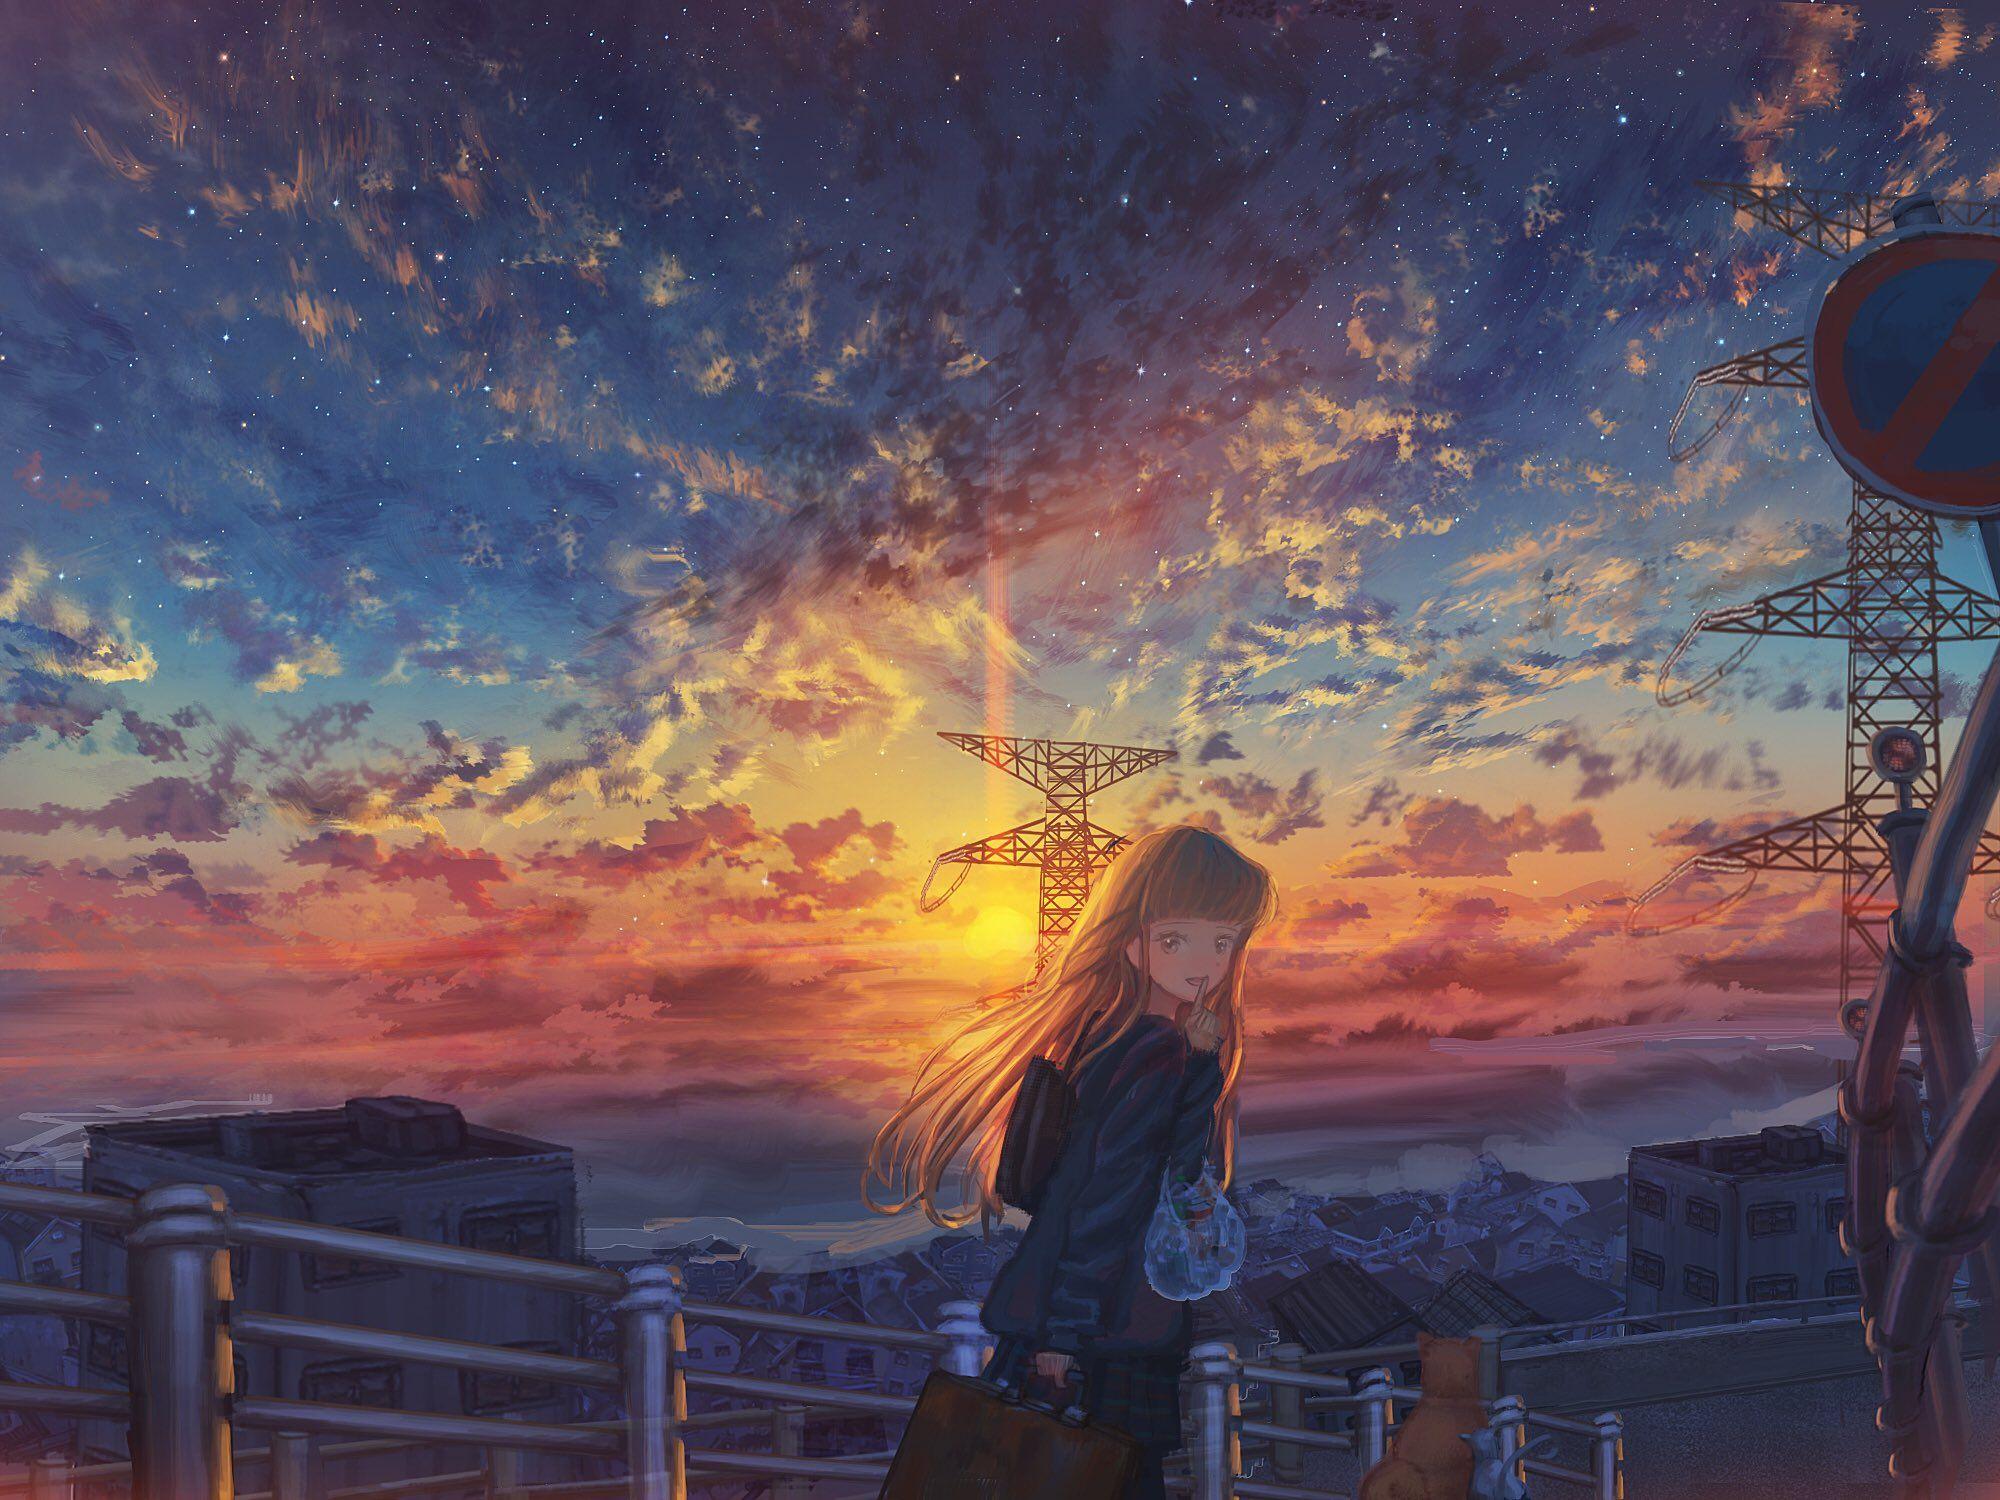 ナコモ on Anime landschaft und Hintergrund landschaft